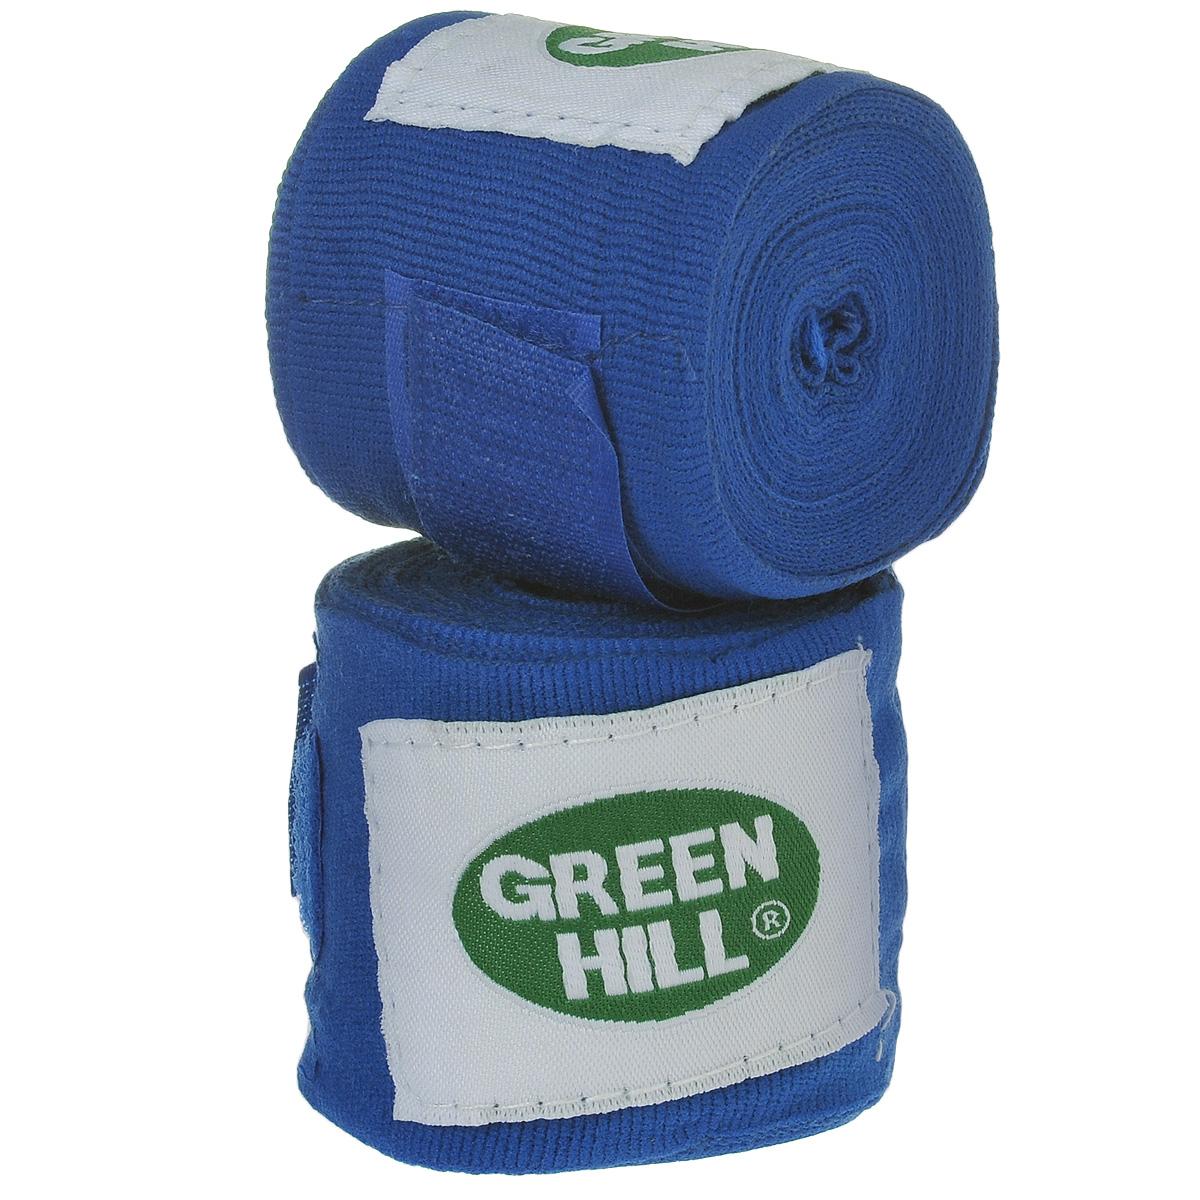 Бинты боксерские Green Hill, эластик, цвет: синий, 2,5 м, 2 штВР-6232-25Бинты Green Hill предназначены для защиты запястья во время занятий боксом. Изготовлены из высококачественного хлопка с добавлением эластана. Бинты надежно закрепляются на руке застежкой на липучке. Длина бинтов: 2,5 м.